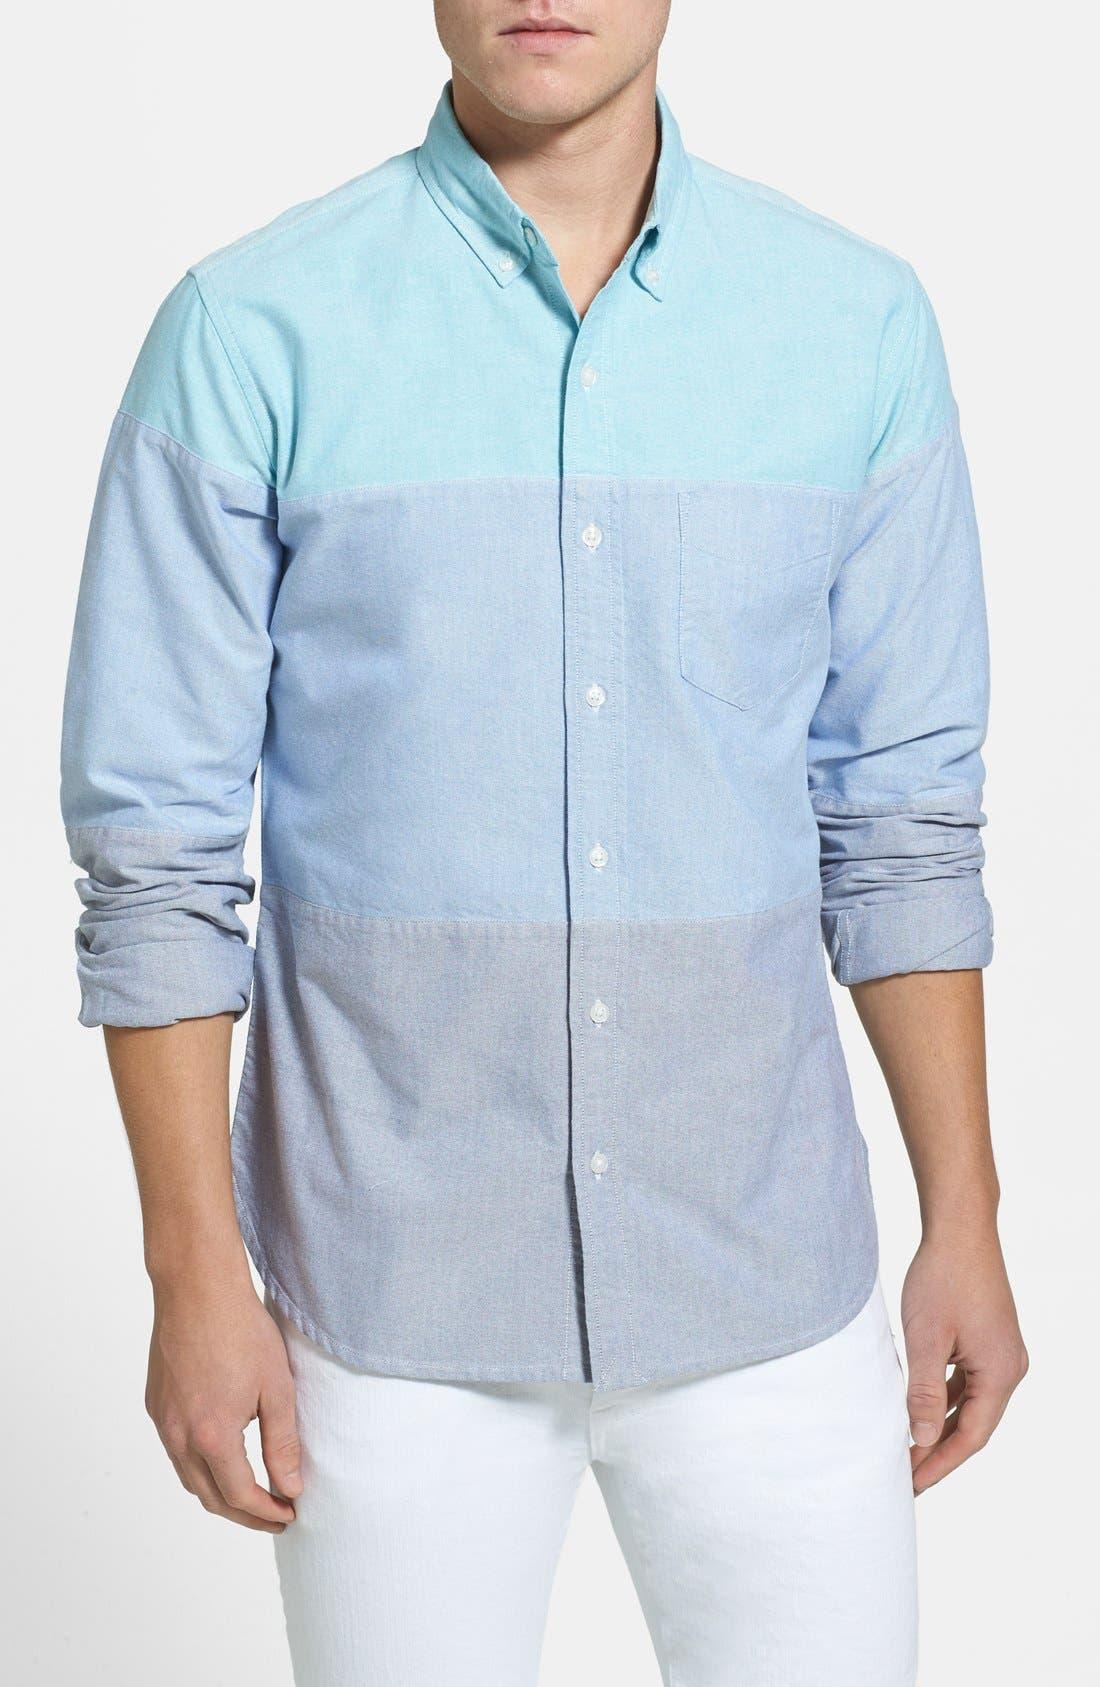 Alternate Image 1 Selected - Bonobos Slim Fit Colorblock Oxford Sport Shirt